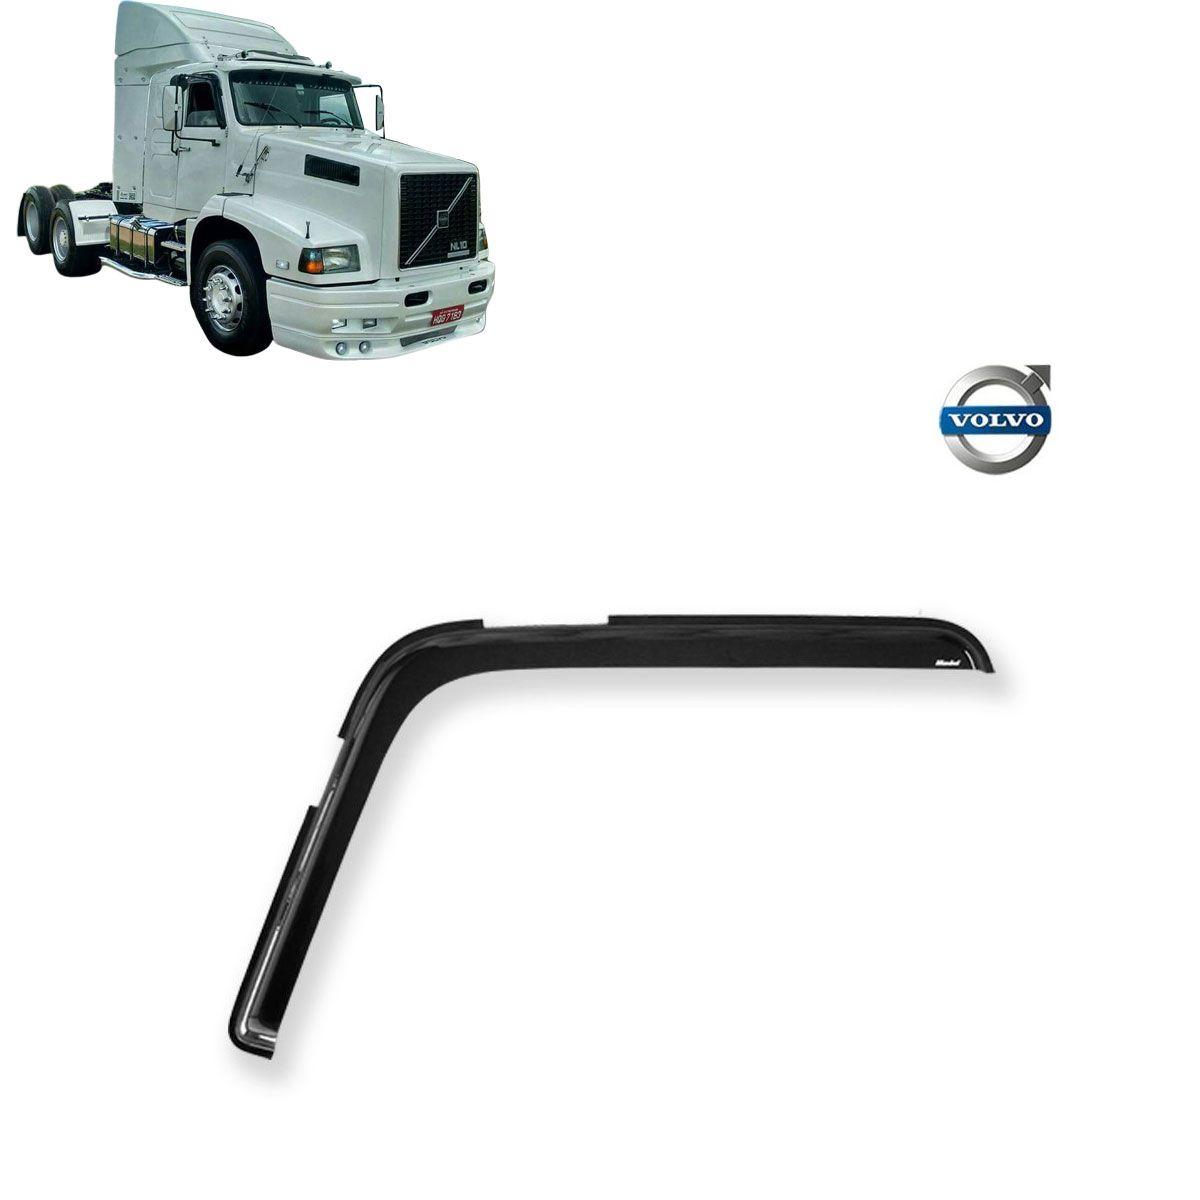 Calha de Chuva Porta para Caminhão Volvo NL Adesiva